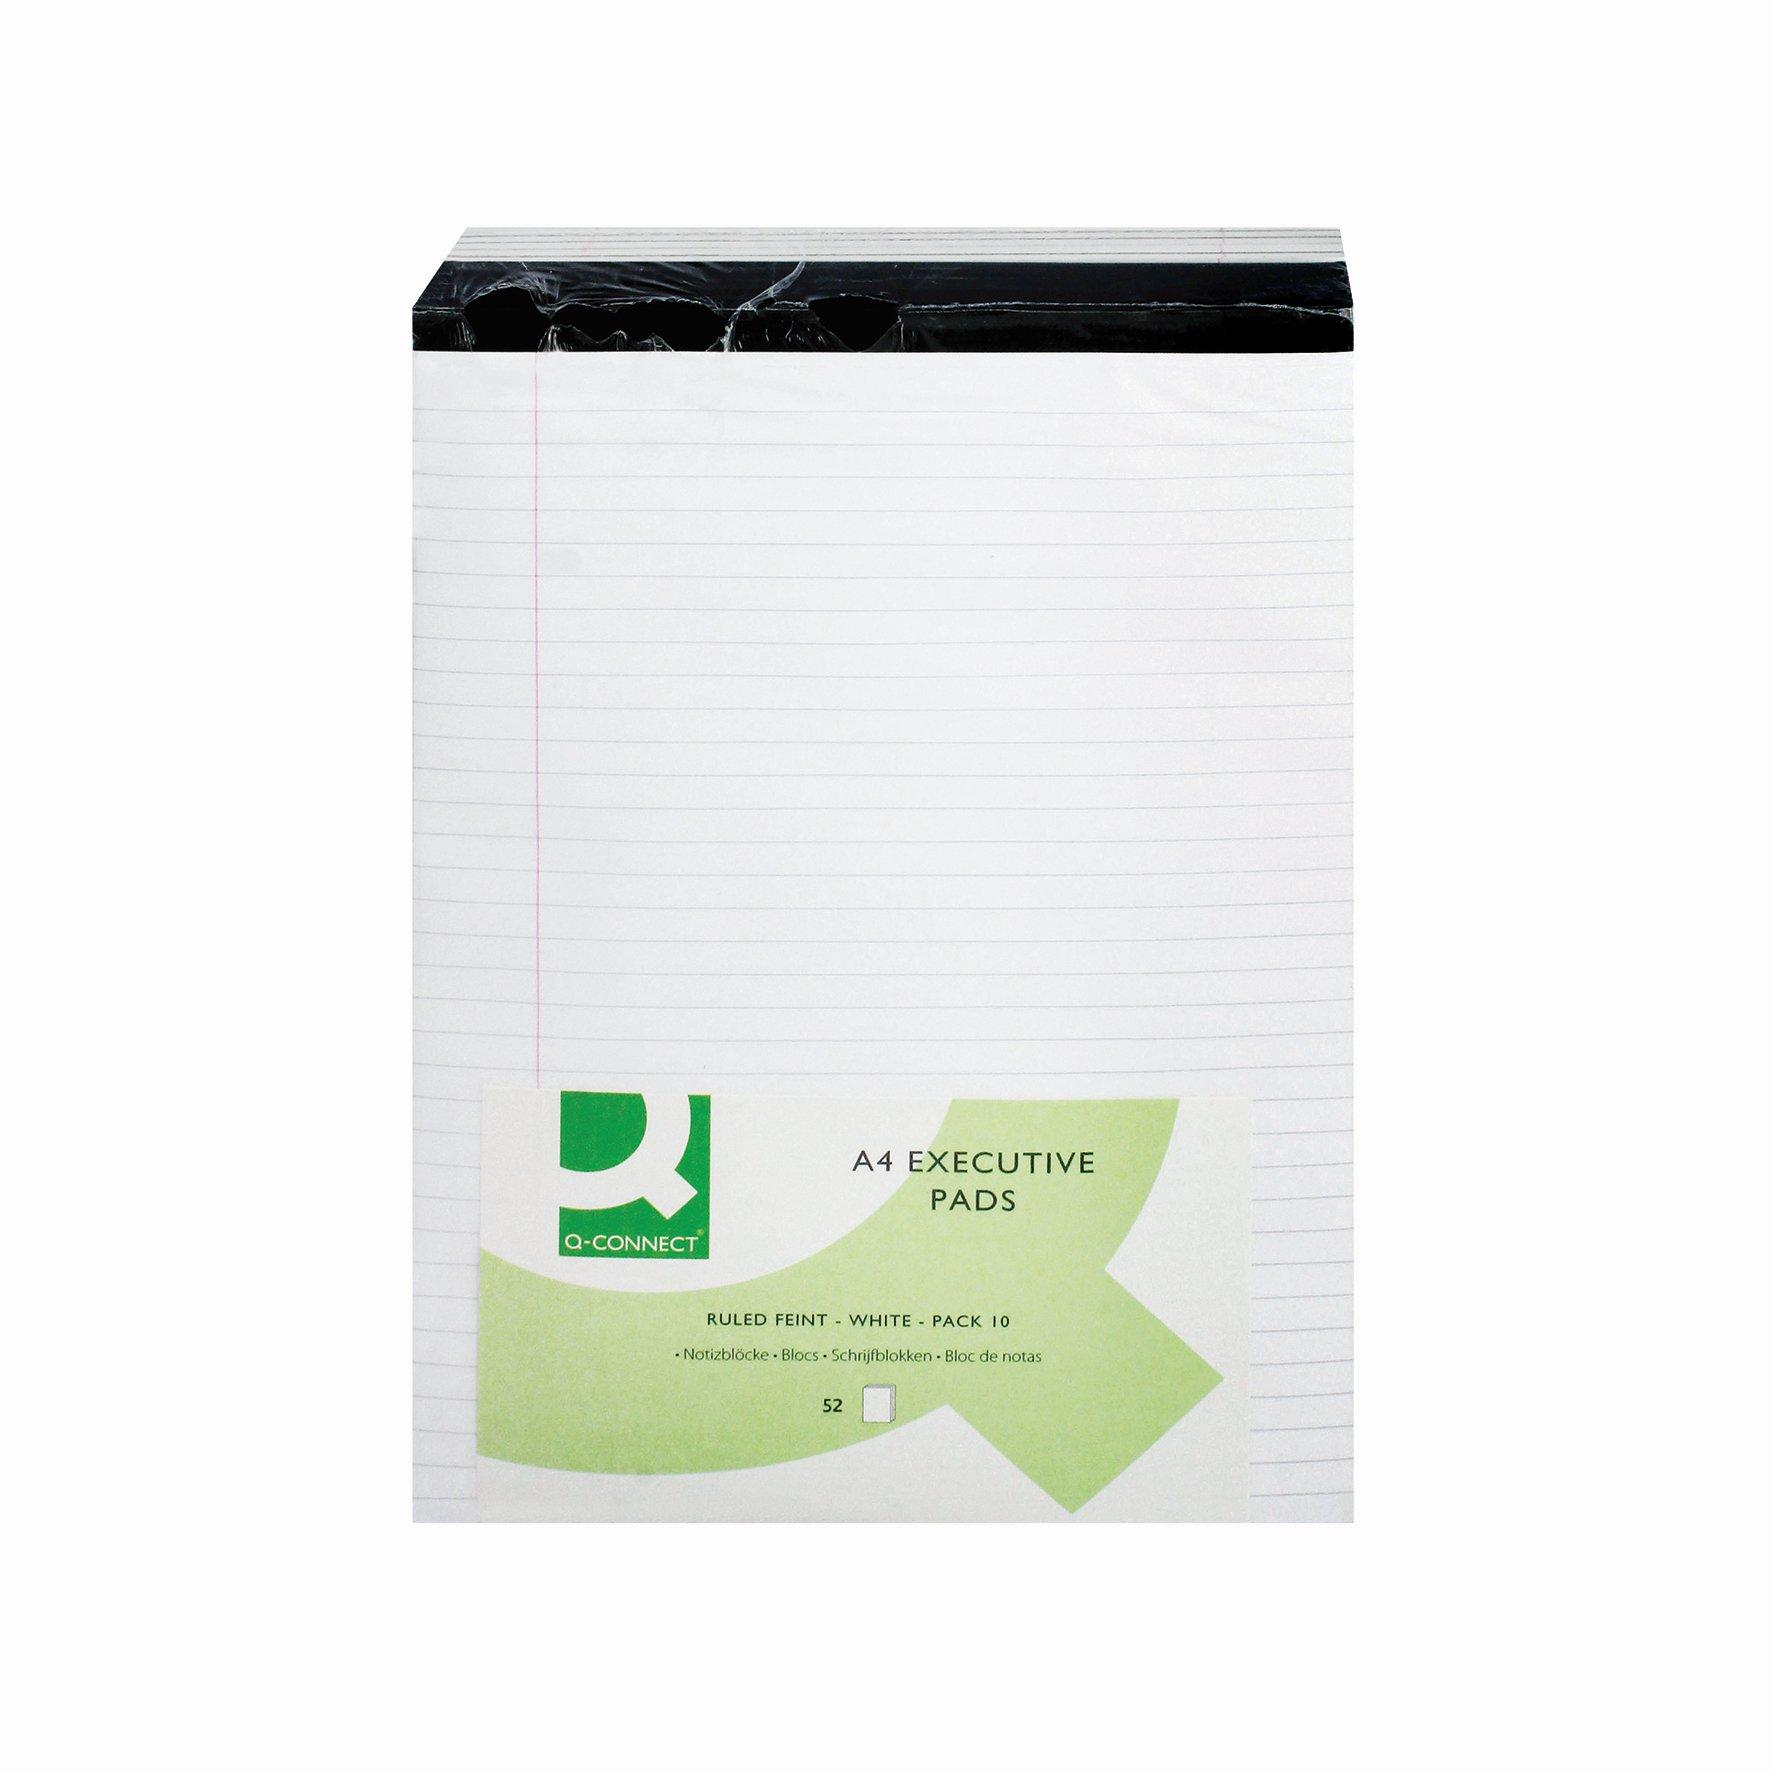 Value Executive Pad A4 White